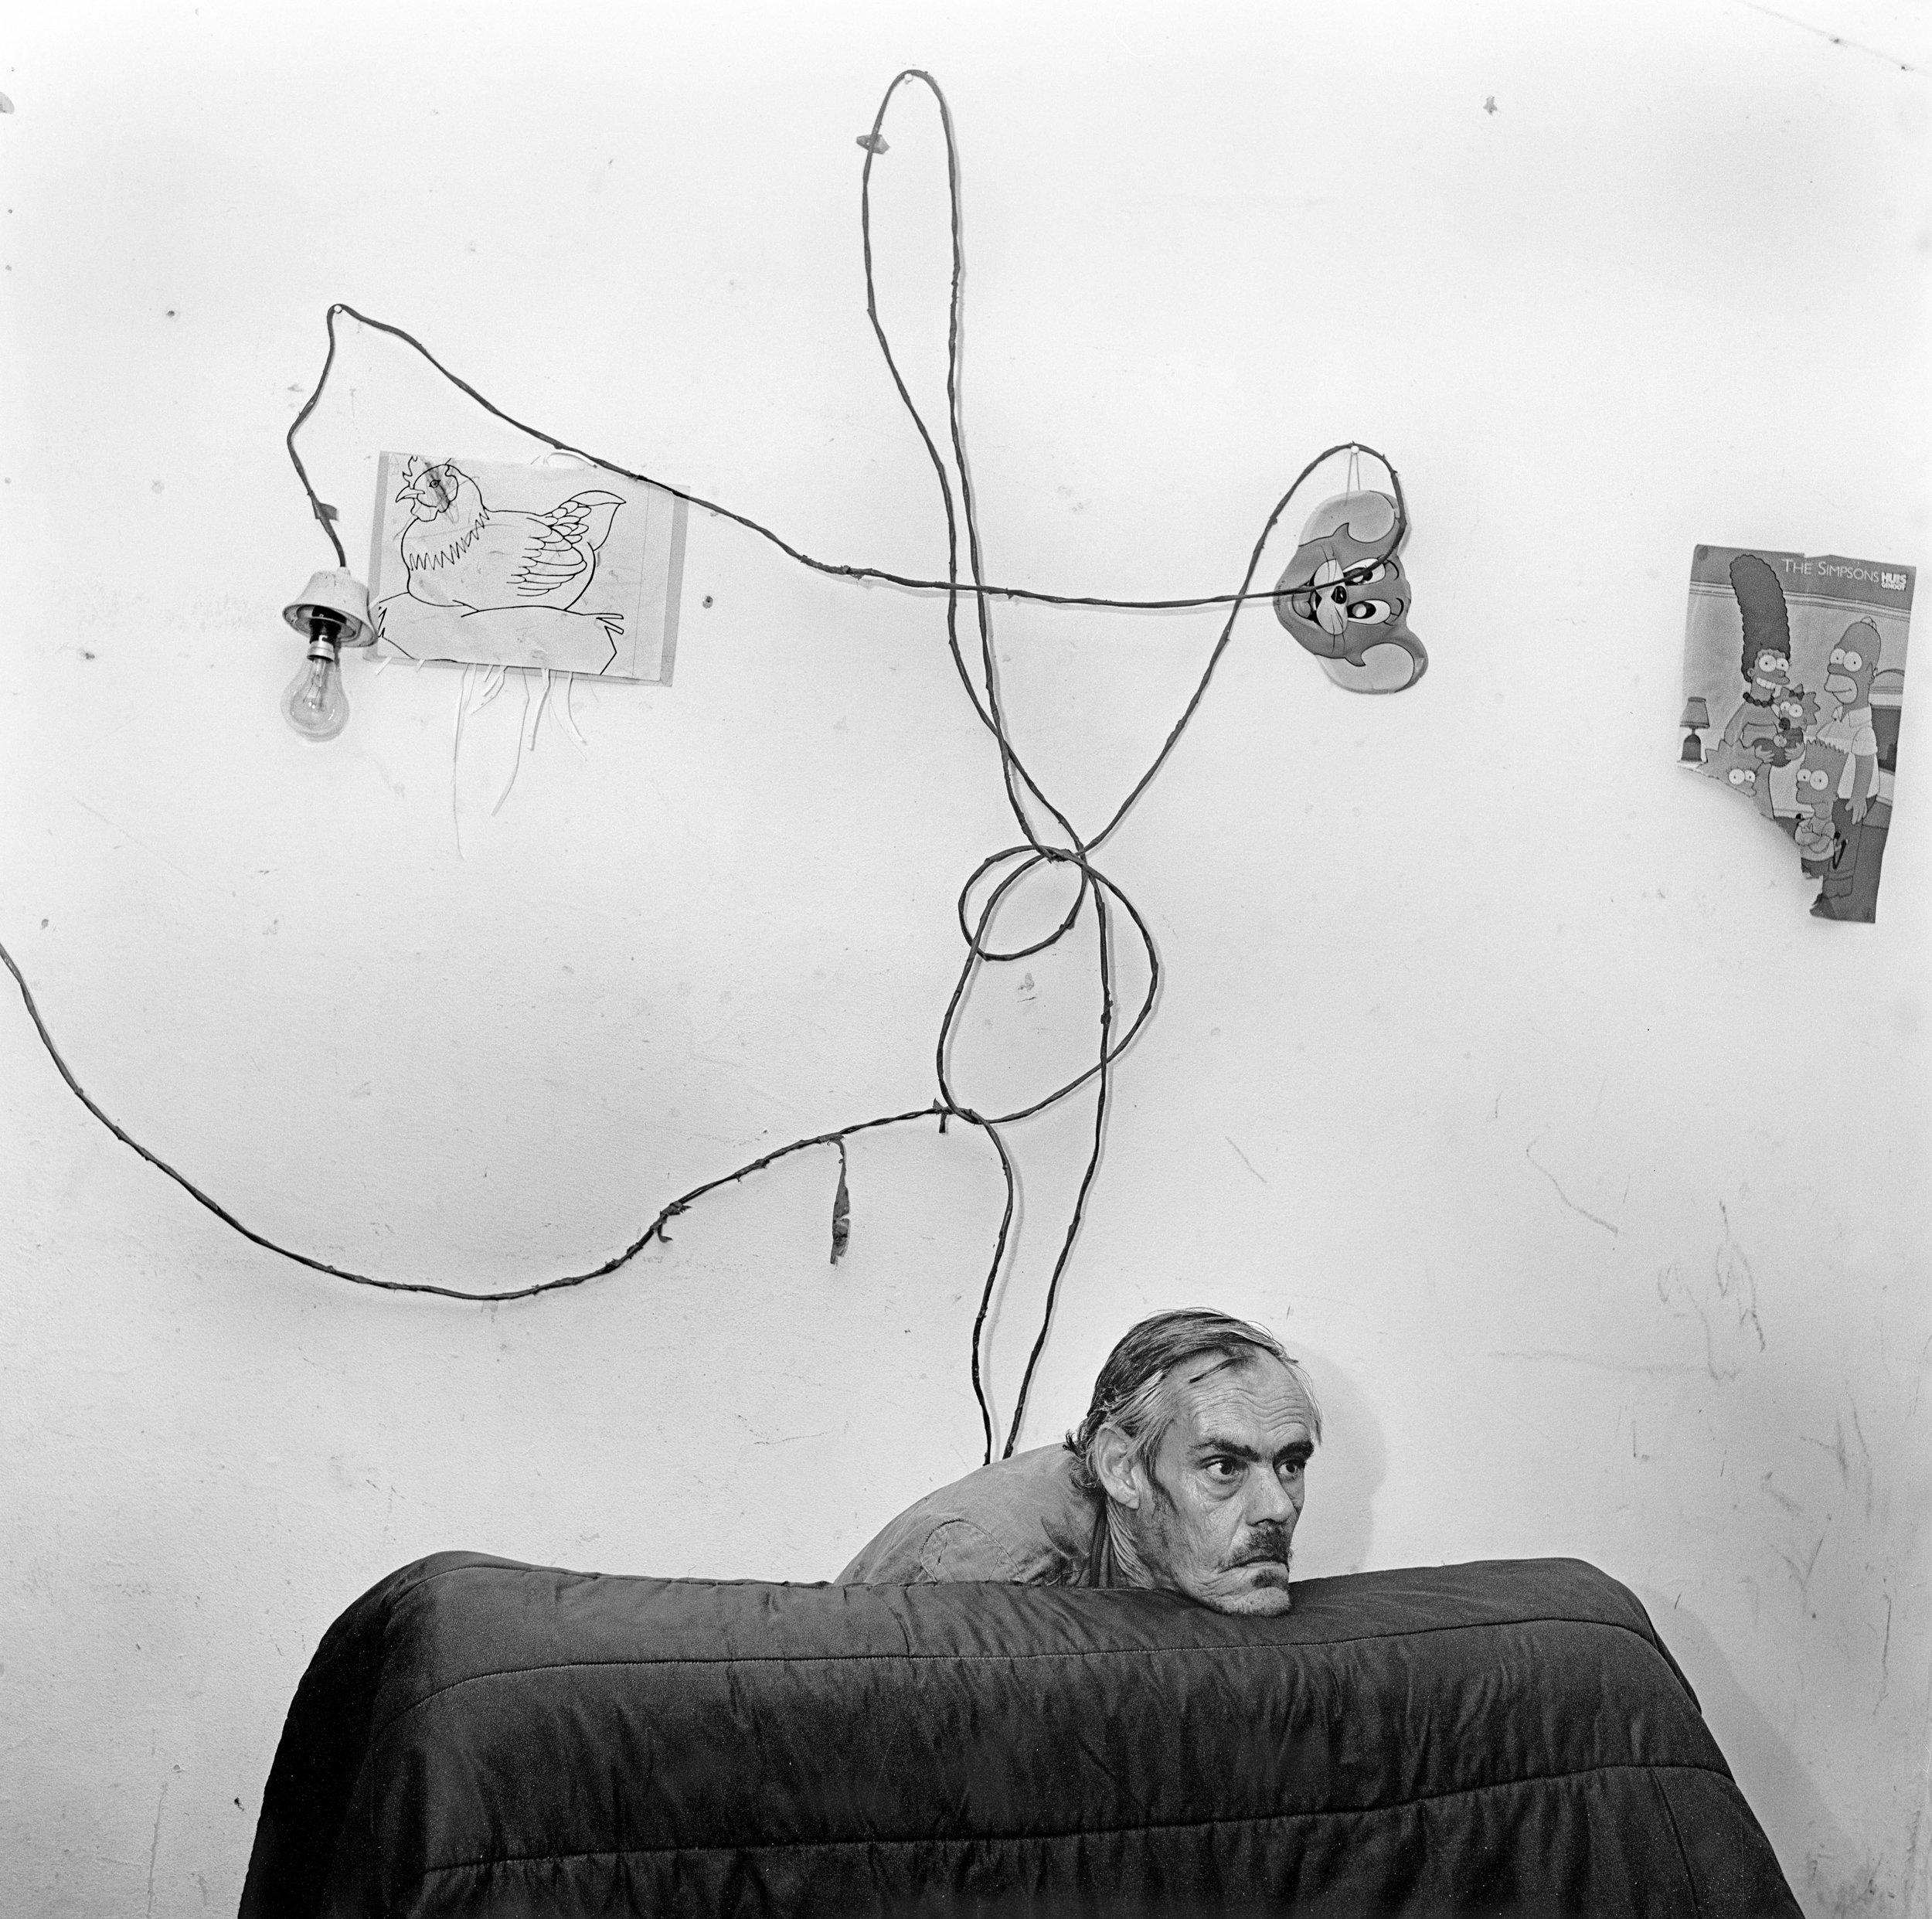 Roger Ballen,  Head Below Wires , 1999